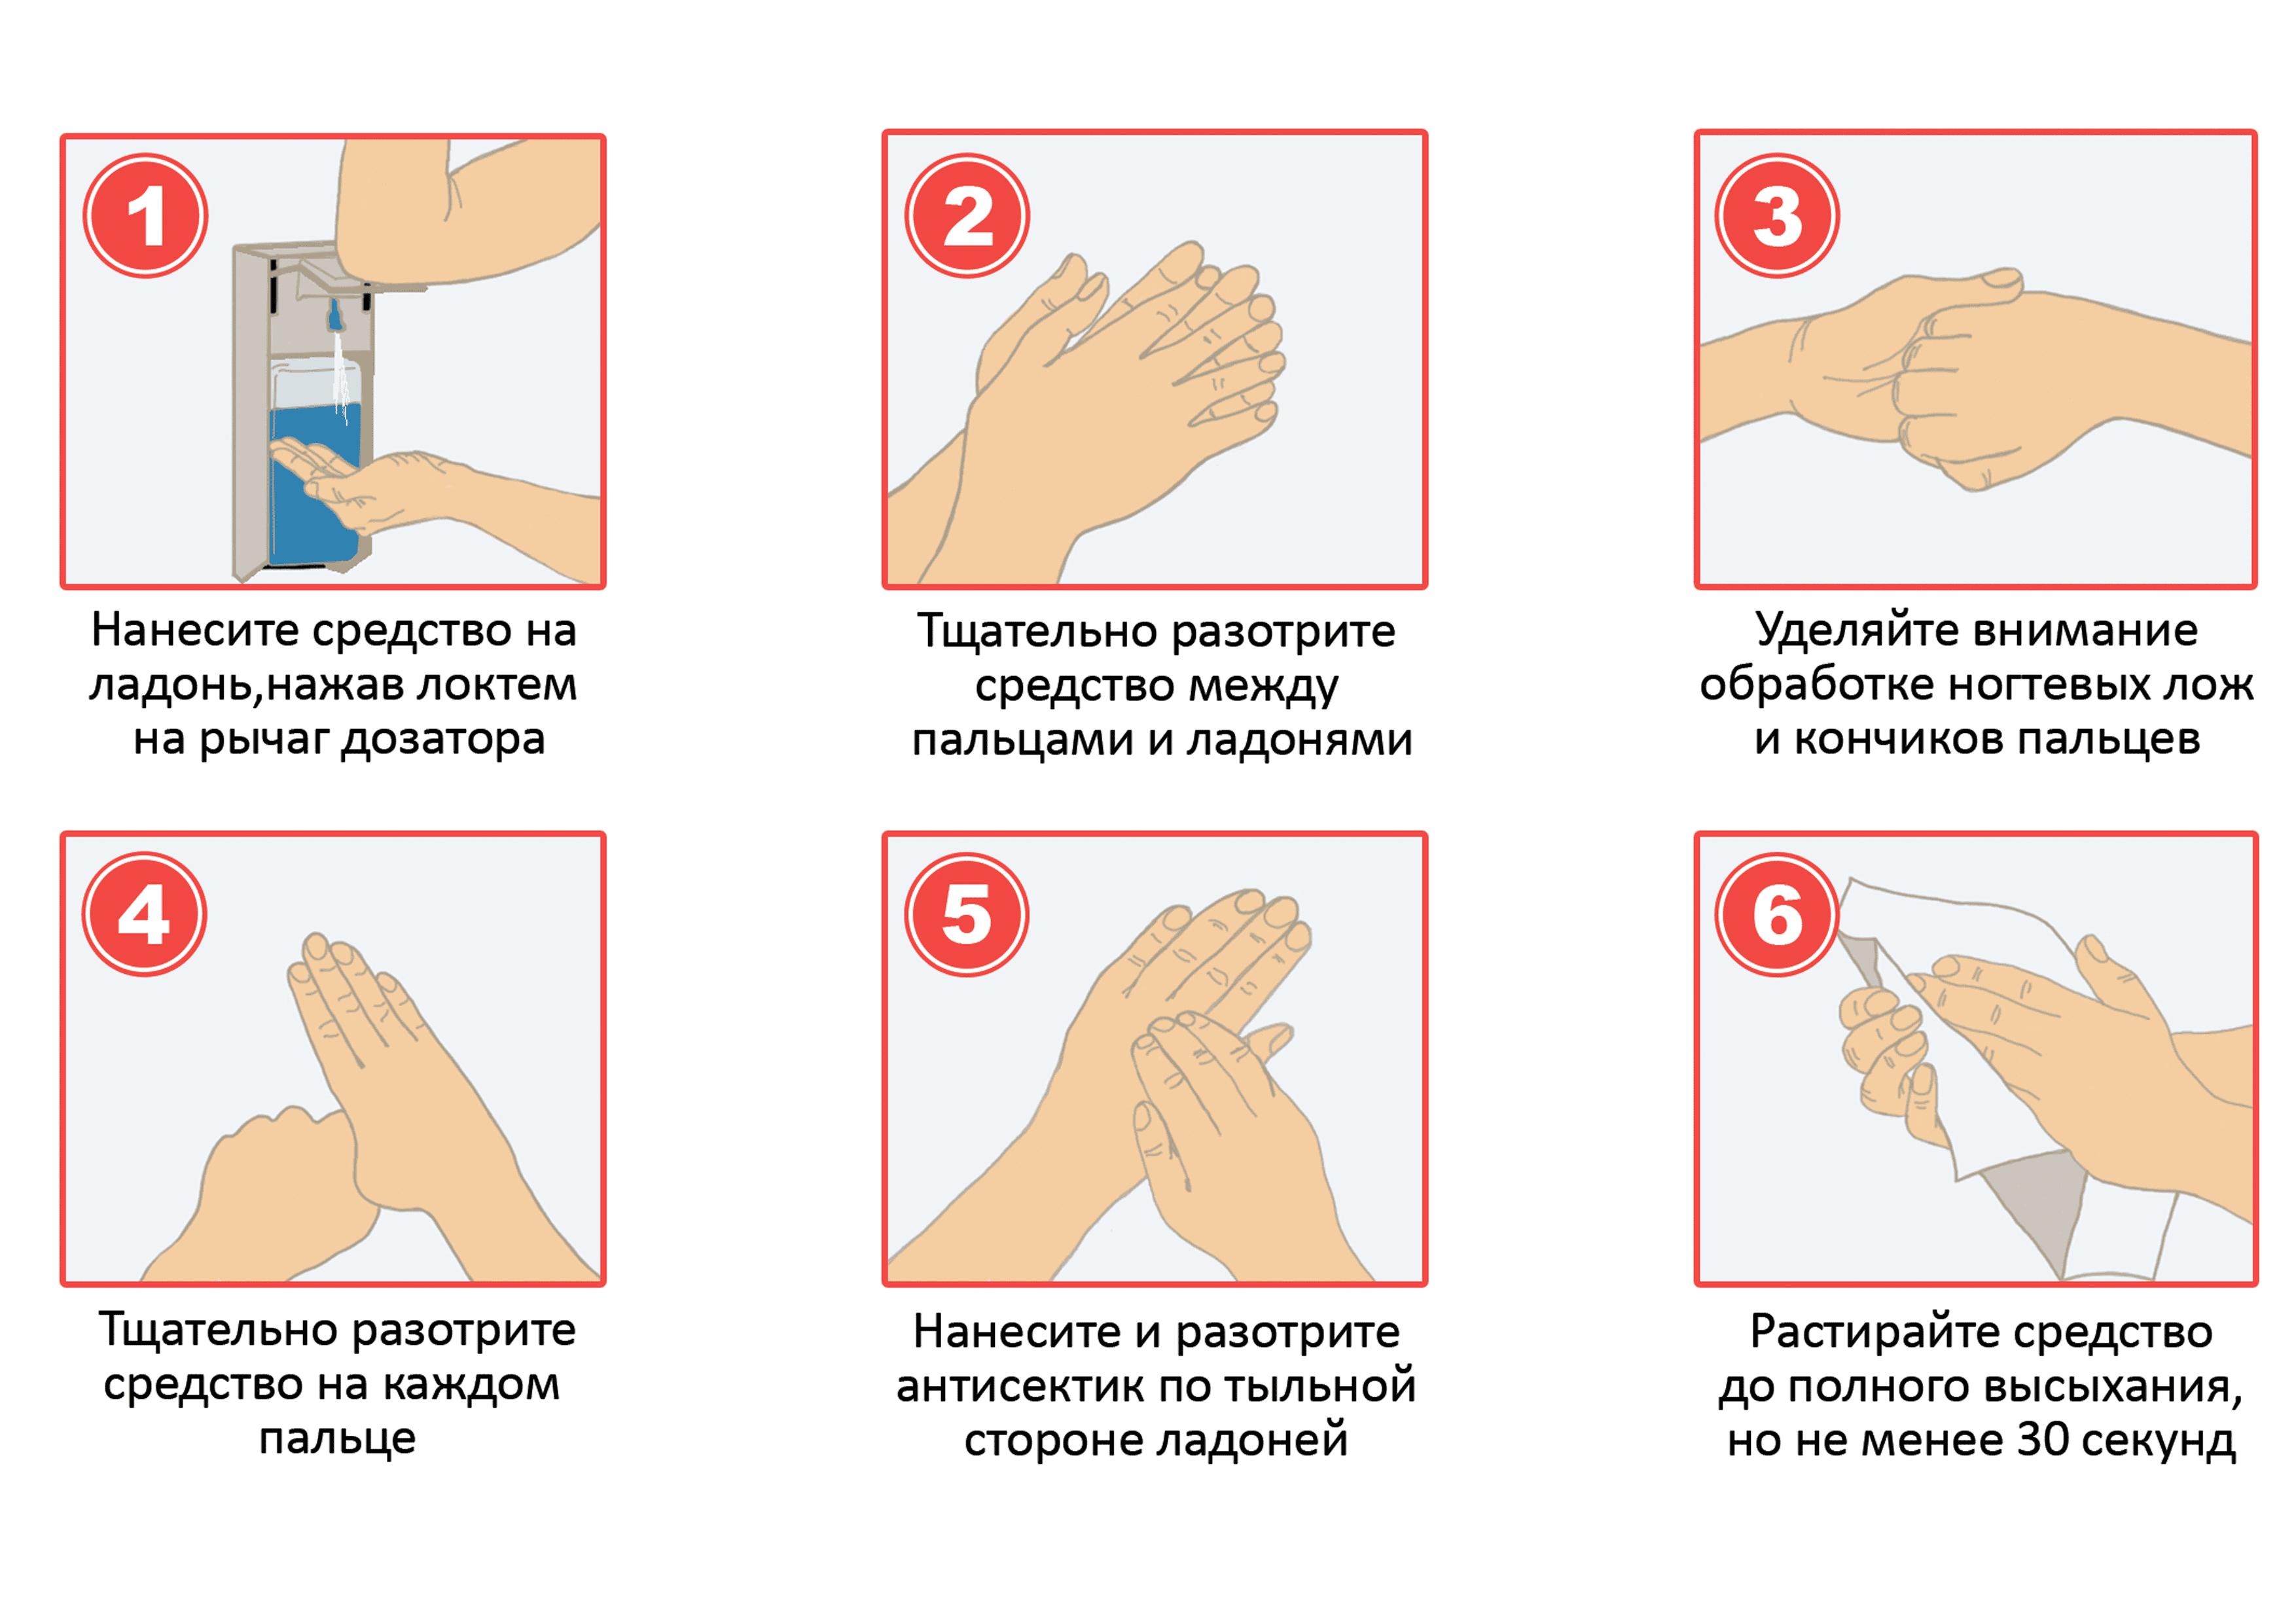 инструкция к локтевому дозатору